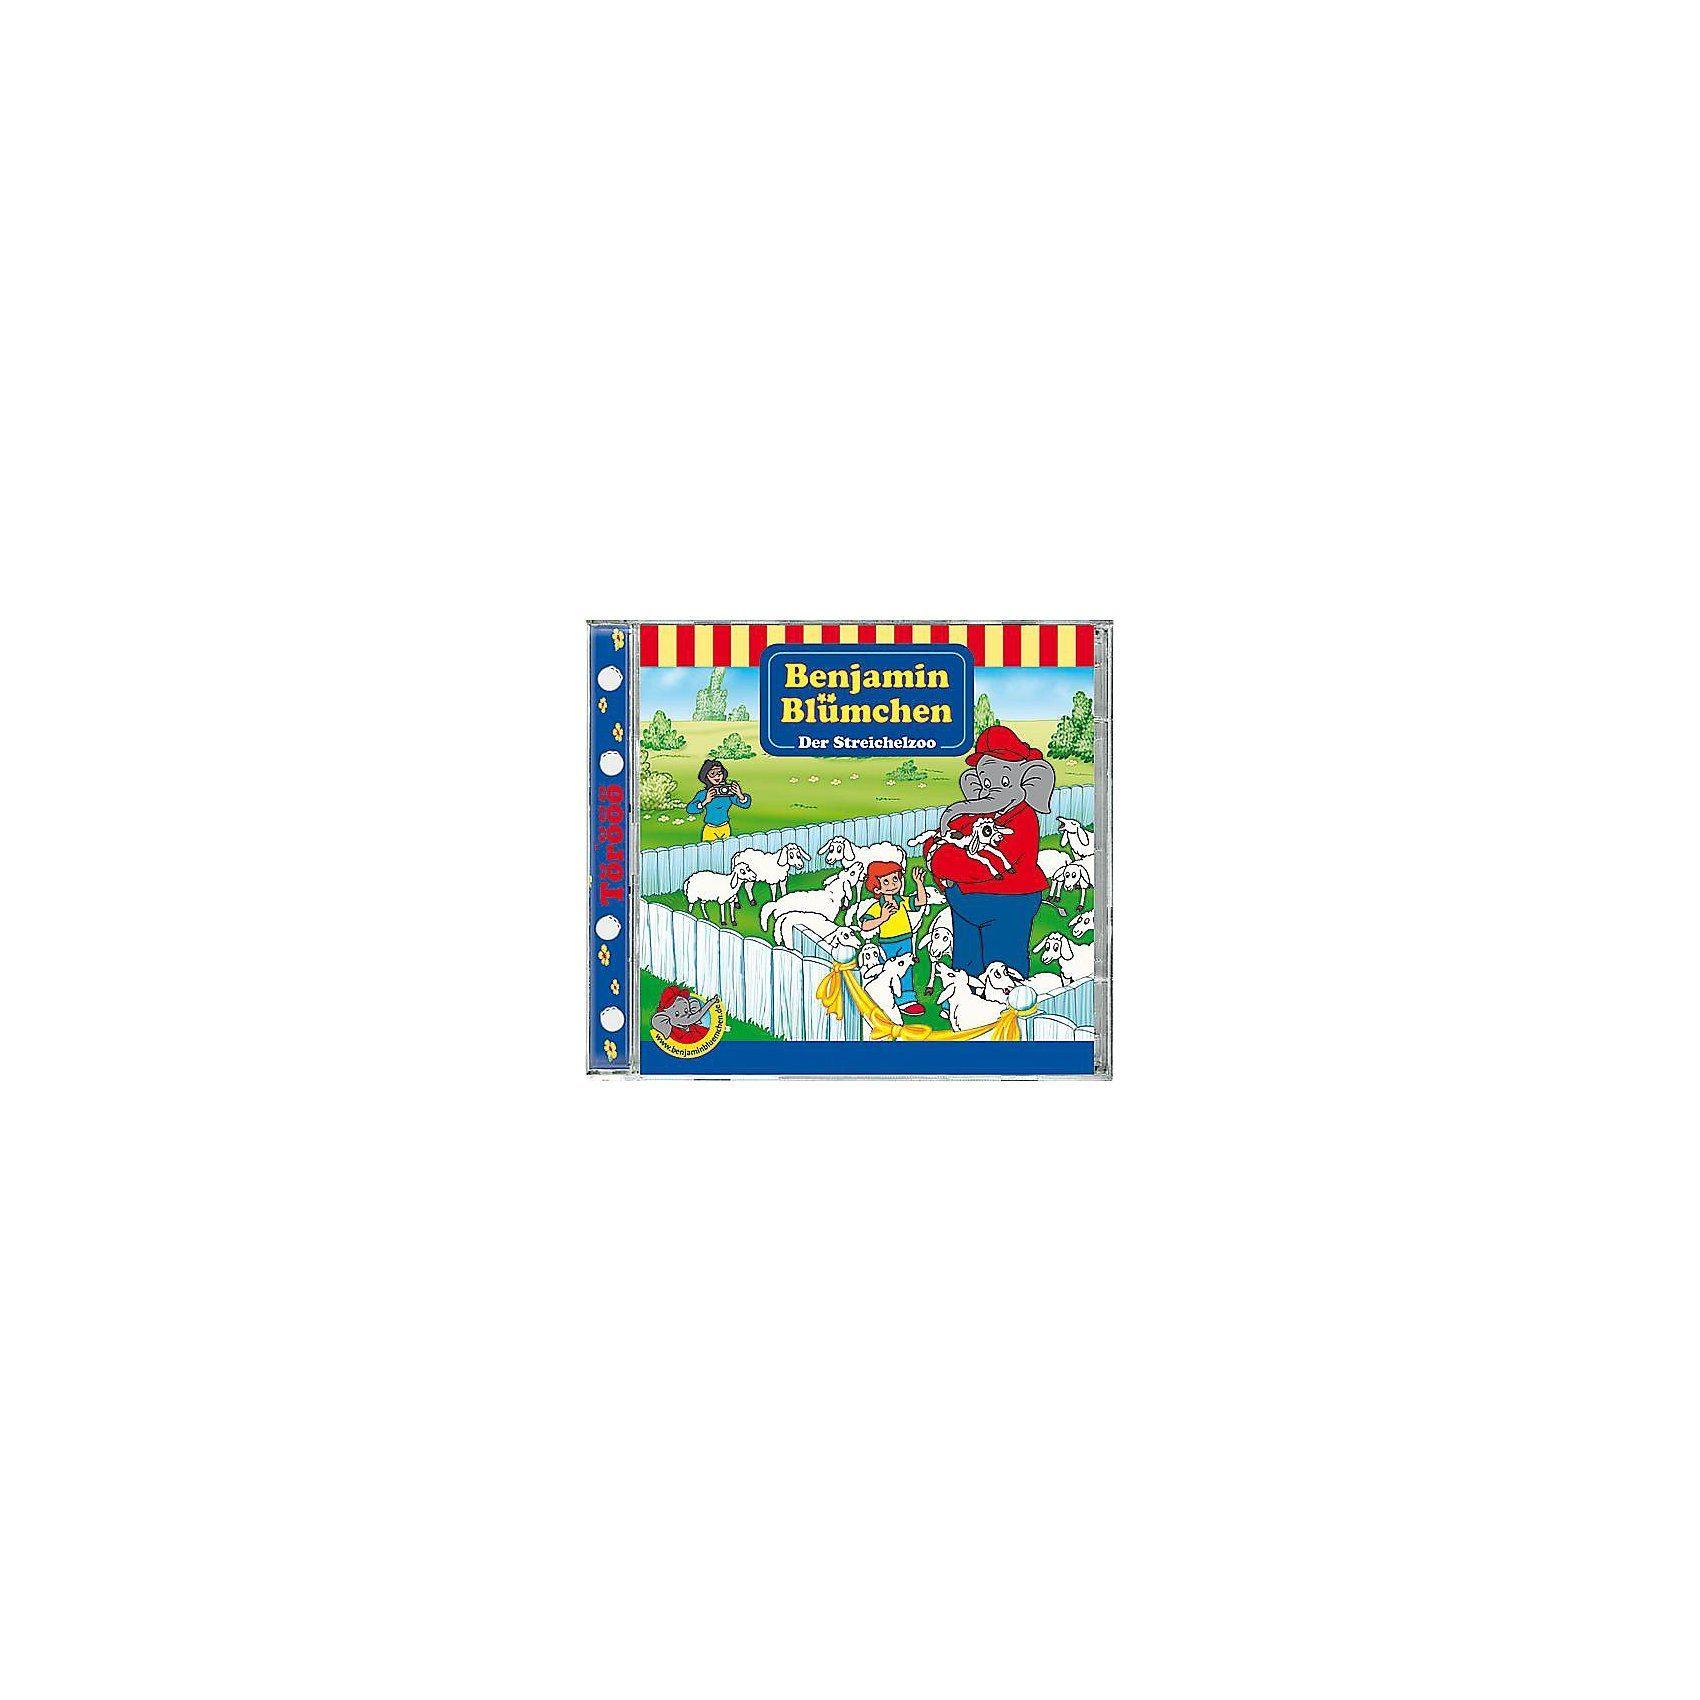 Kiddinx CD Benjamin Blümchen 94 (Streichelzoo)